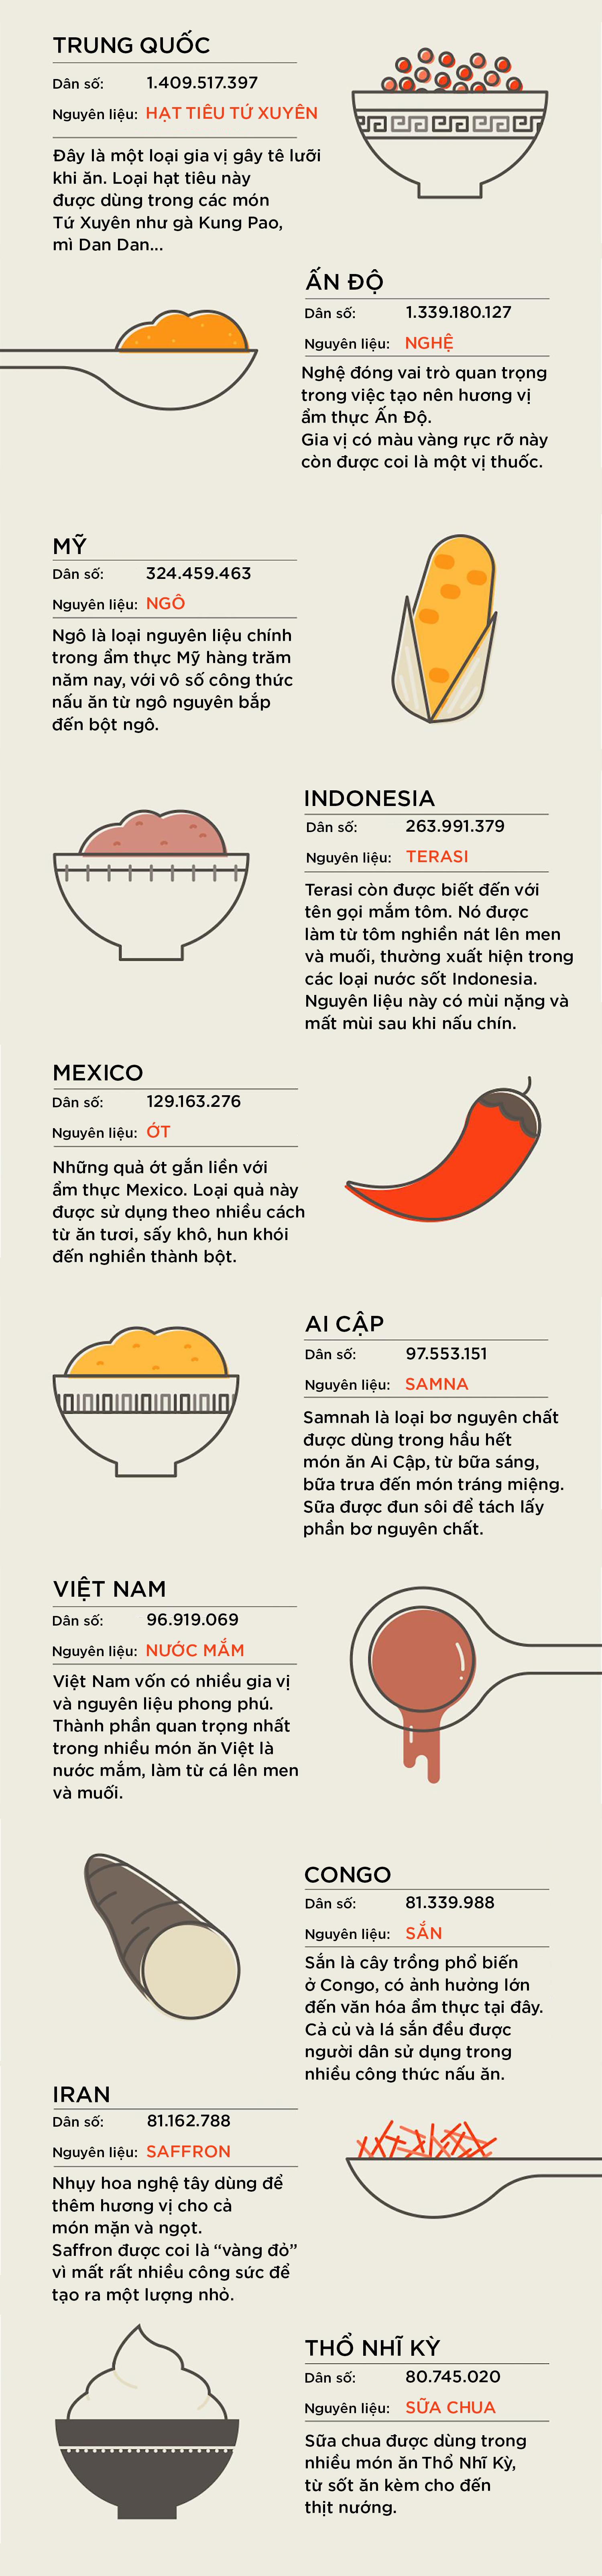 Nguyên liệu nấu ăn phổ biến của những nước đông dân nhất